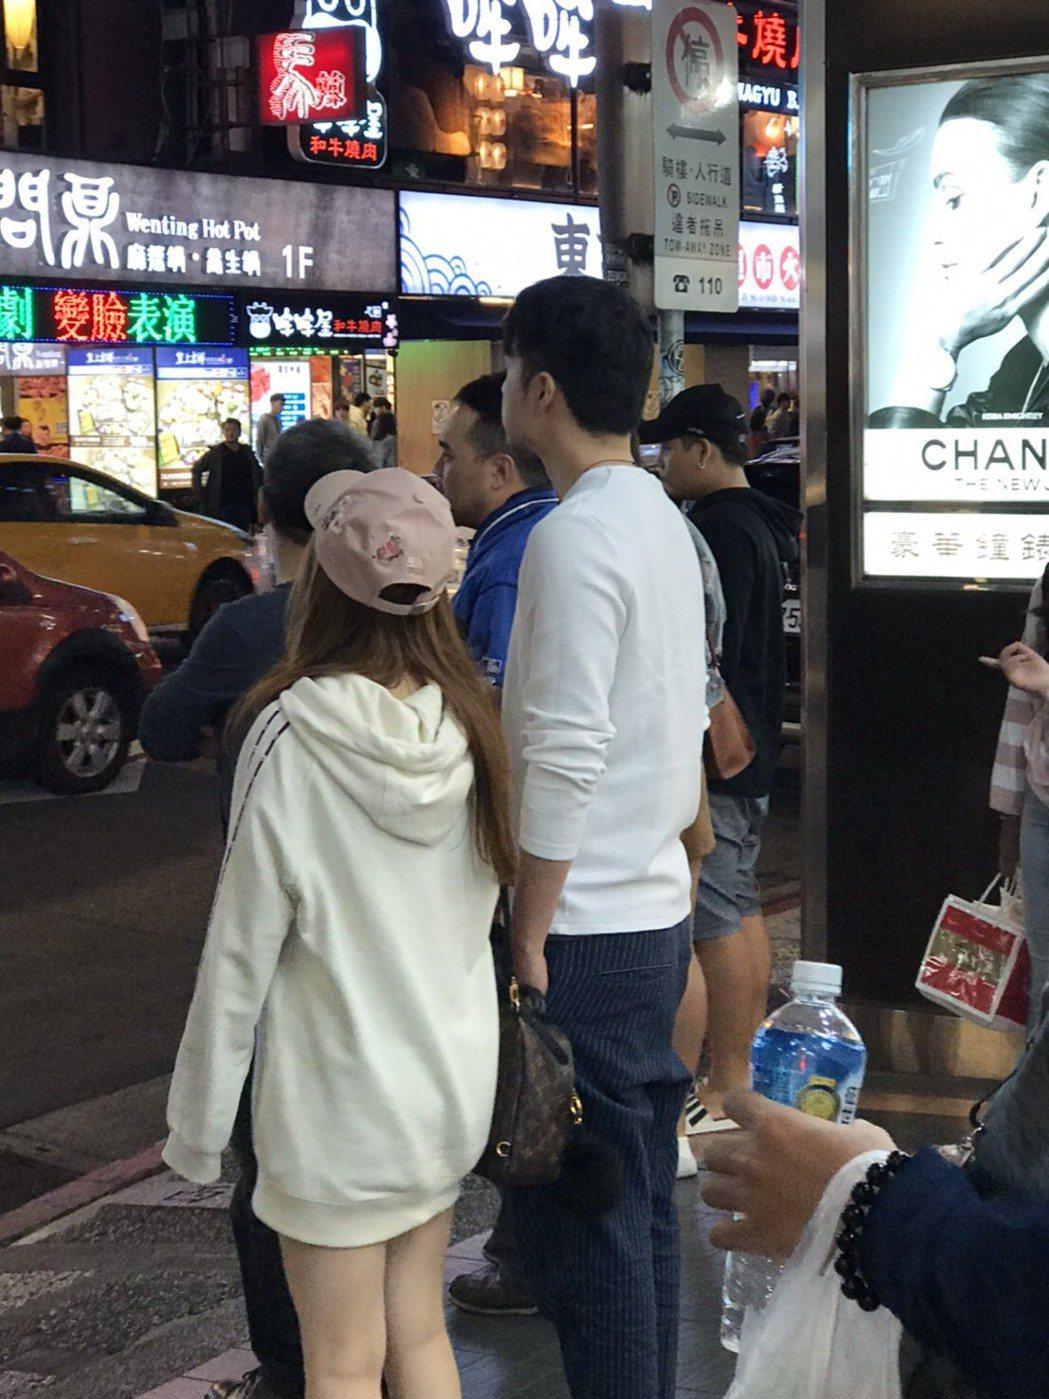 周洺甫偕一名長髮妹現身西門町,正等待紅綠燈過馬路。圖/讀者提供